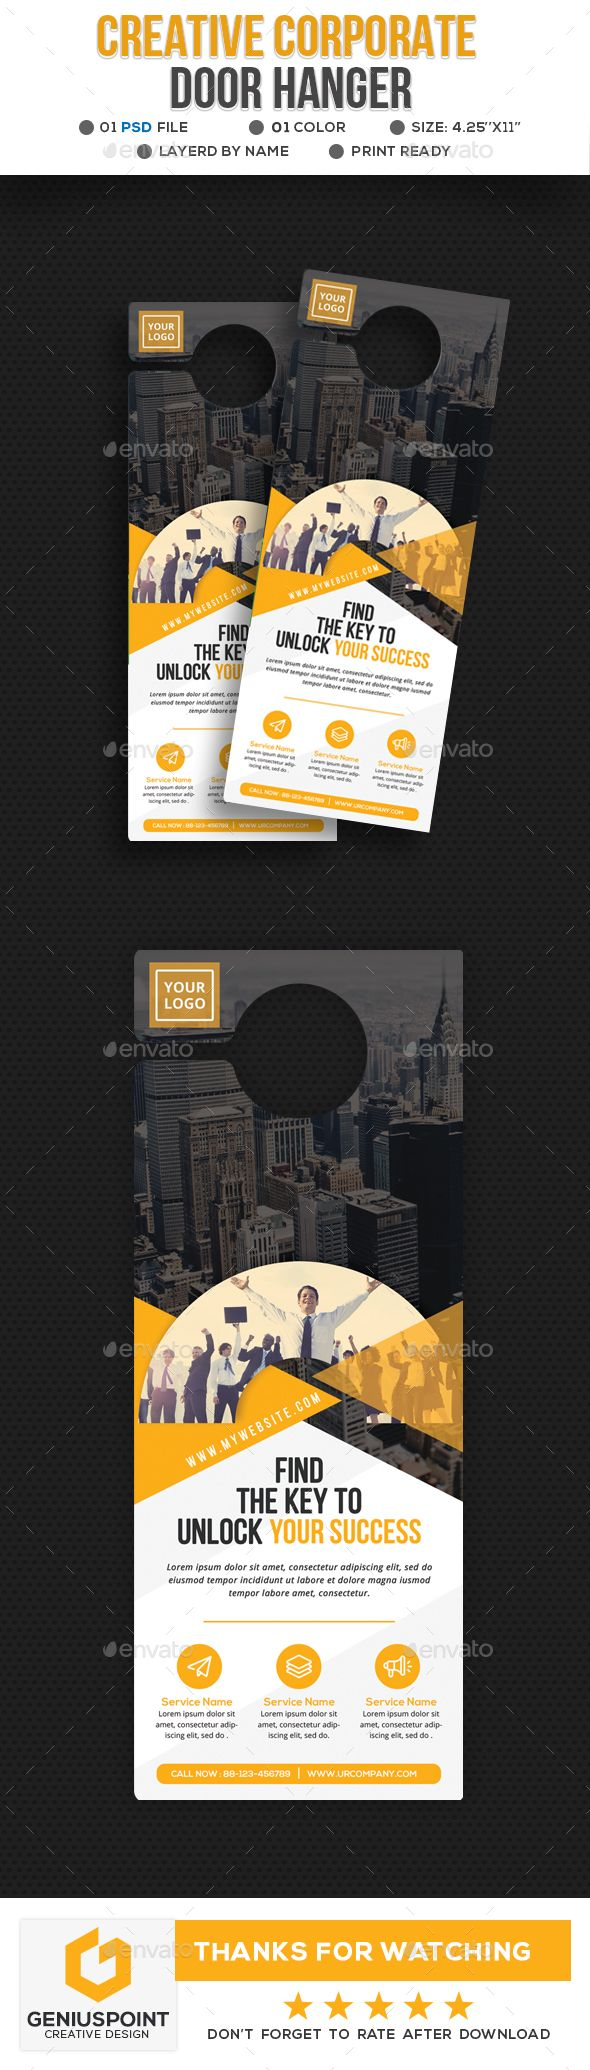 Creative Business Door Hanger Template PSD